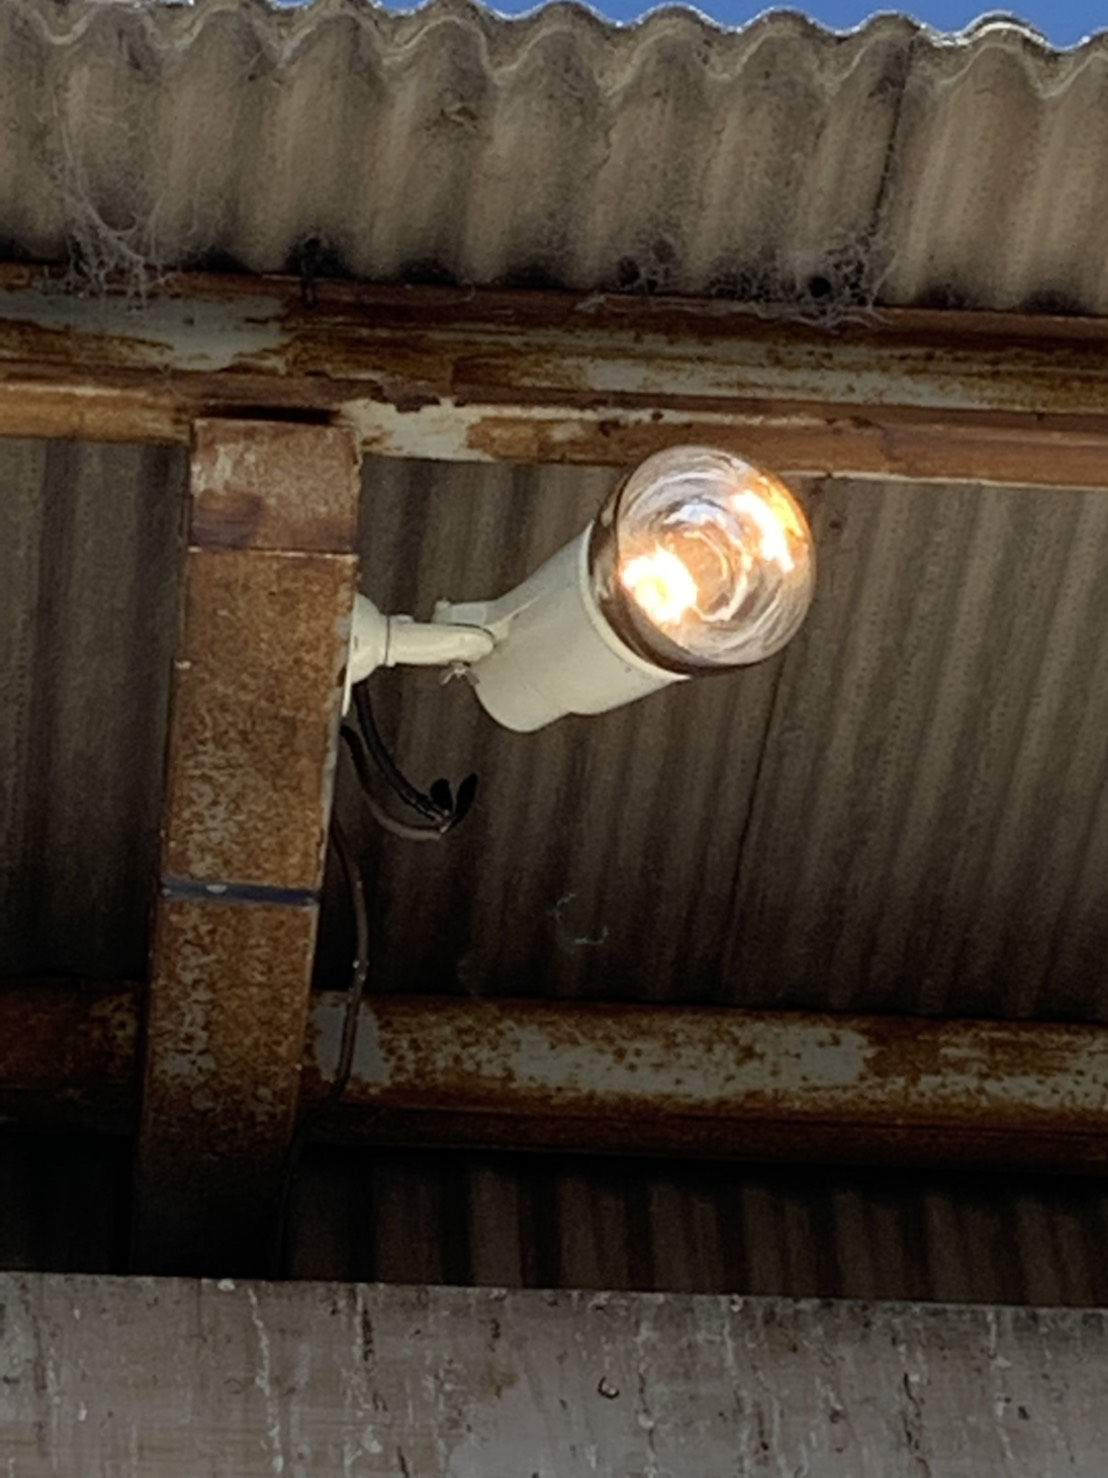 名古屋市港区駐車場投光器「これで、暗くなっても安心ですね!!」電気工事店【株式会社さつき電気商会】